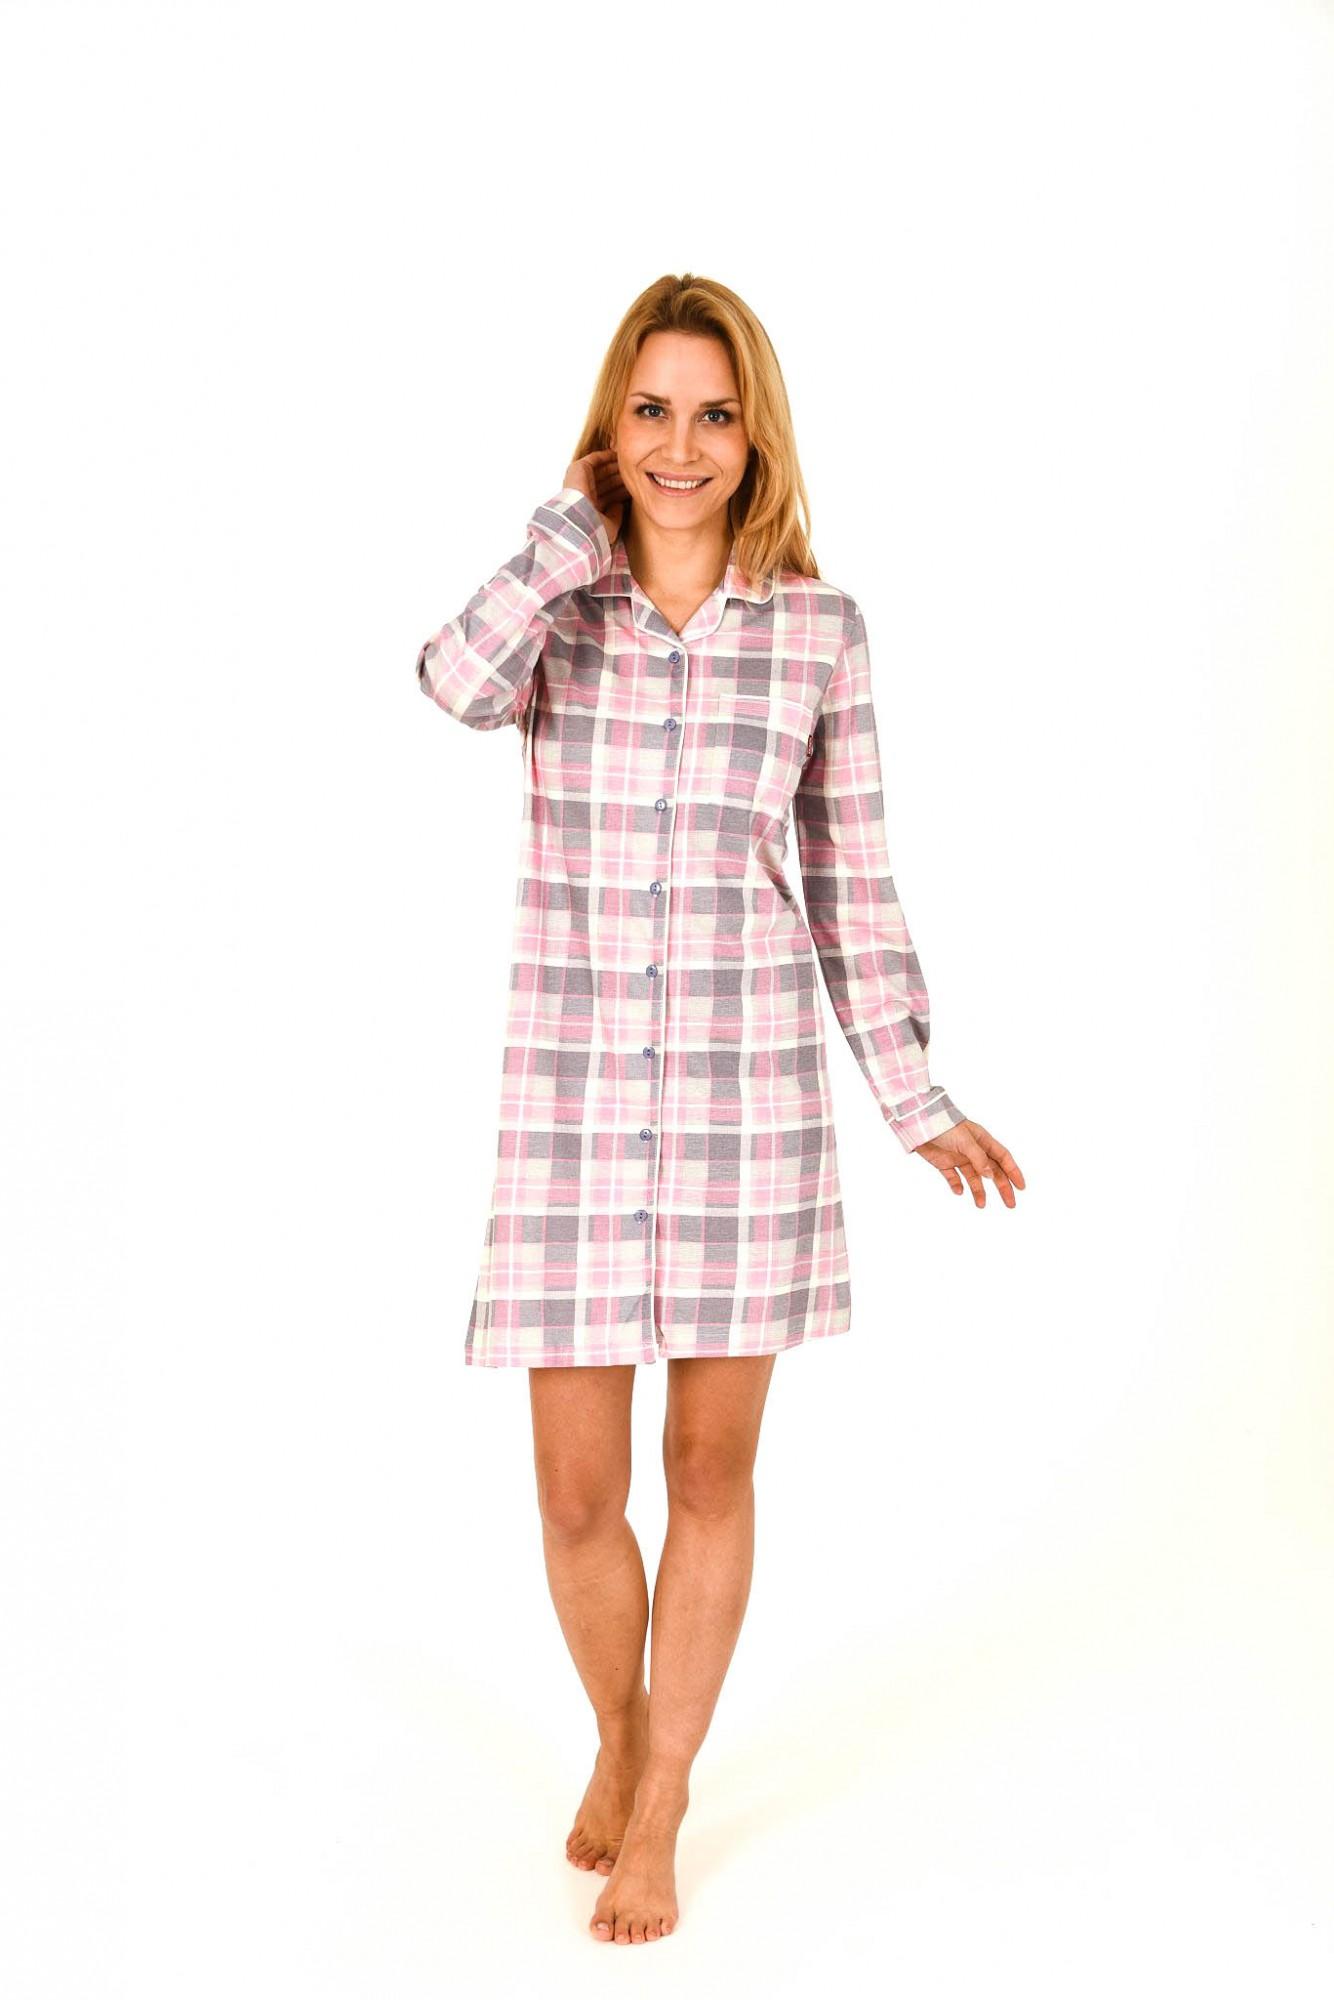 Damen Nachthemd im Karodesign zum durchknöpfen – 261 213 90 242 – Bild 1